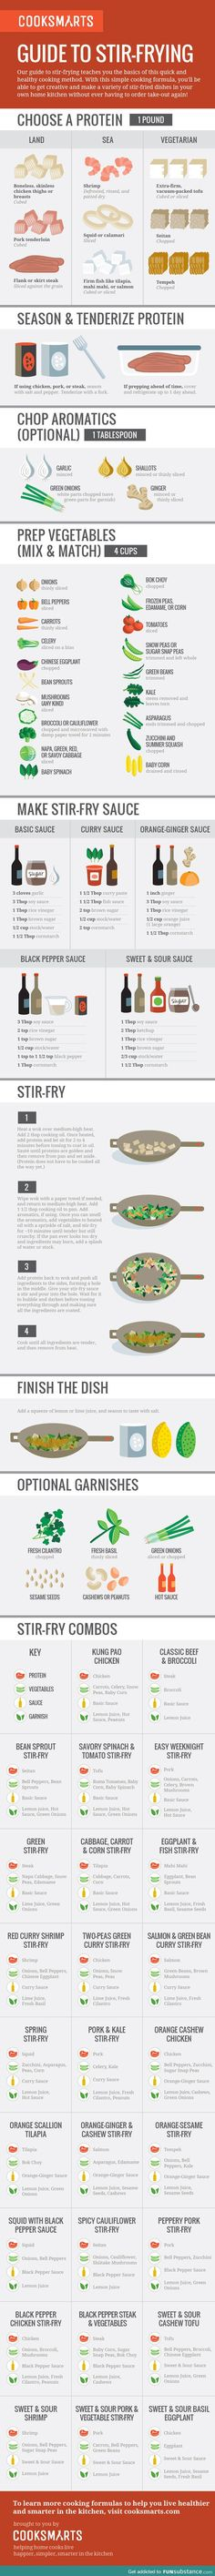 Stir fry guide